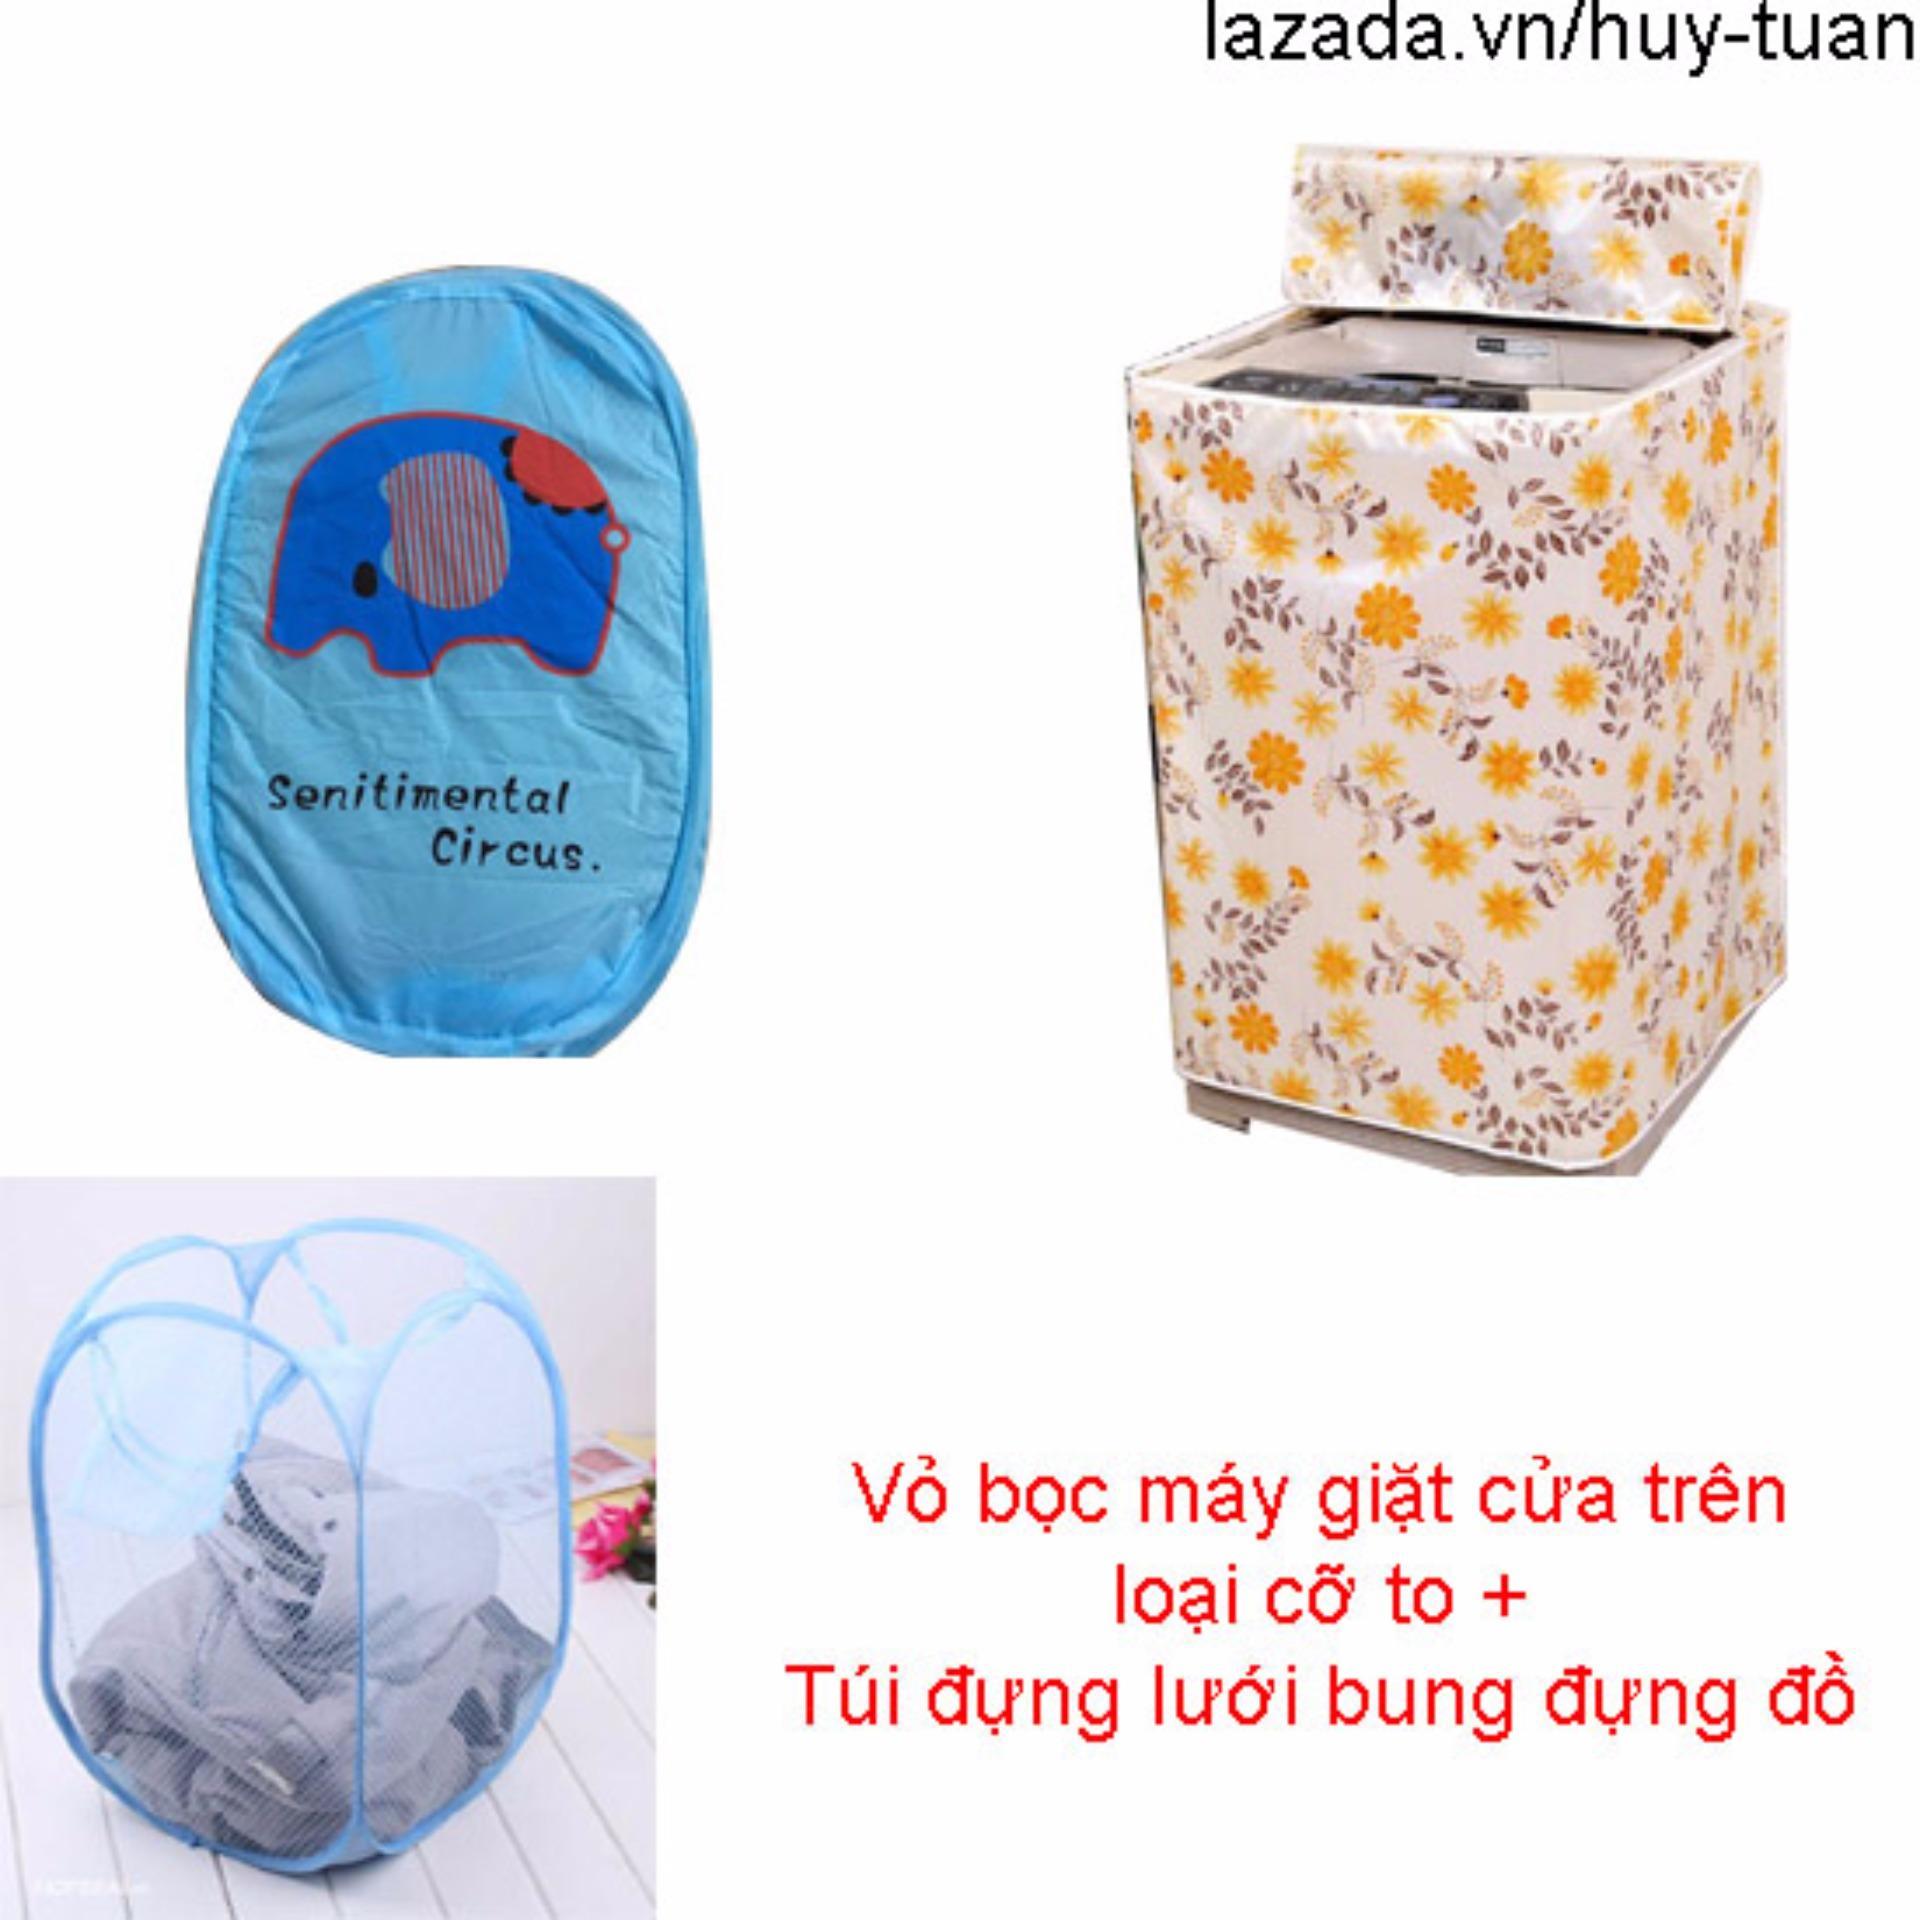 Vỏ bọc máy giặt cửa trên cỡ to ( màu ngẫu nhiên ) + túi lưới bung ( Xanh dương...